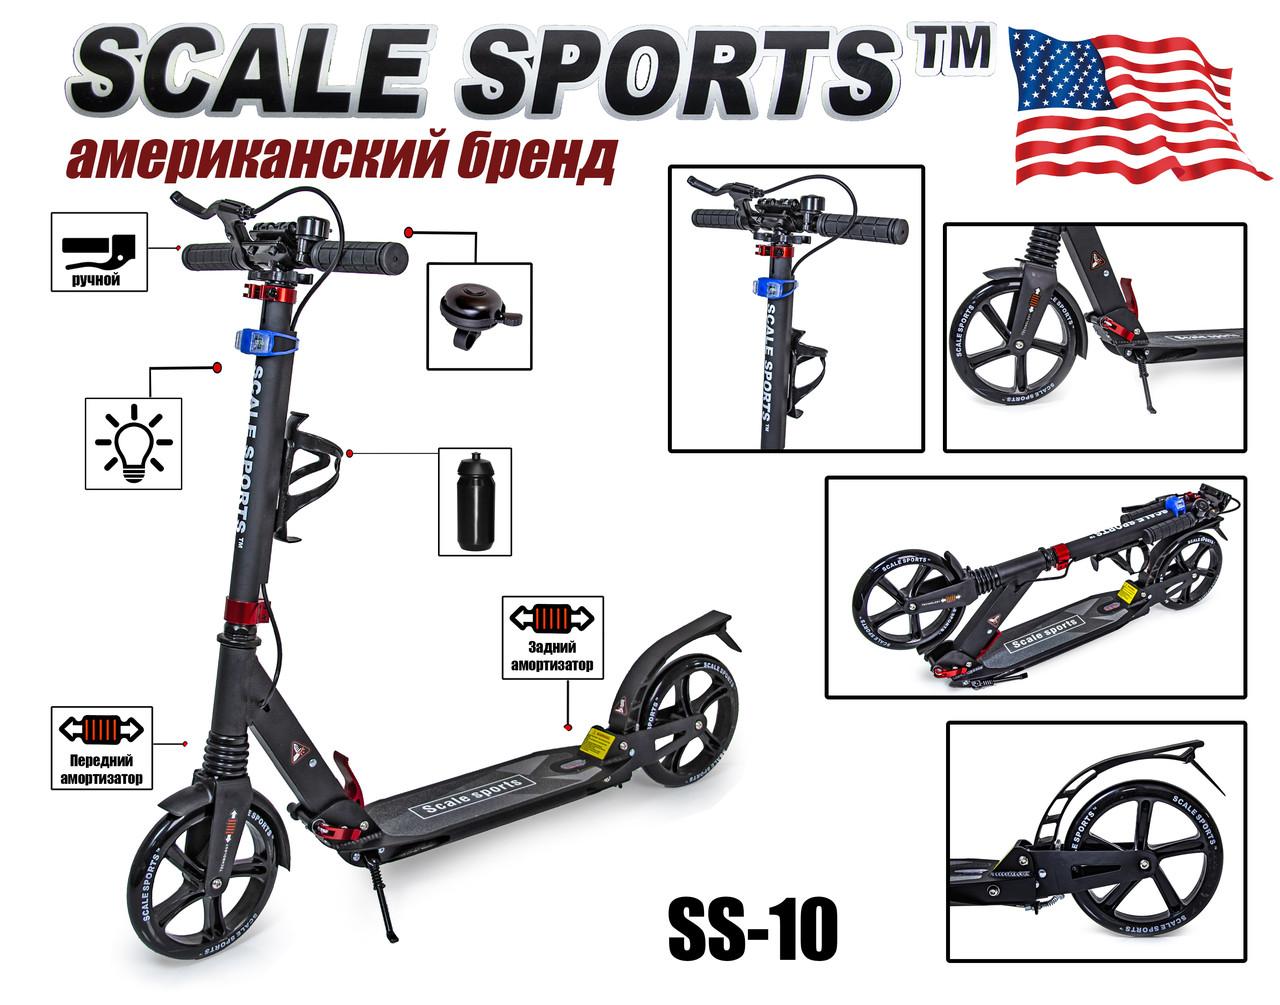 Двоколісний Самокат Scale Sports SS-10 Чорний Ручне гальмо Led-Ліхтарик